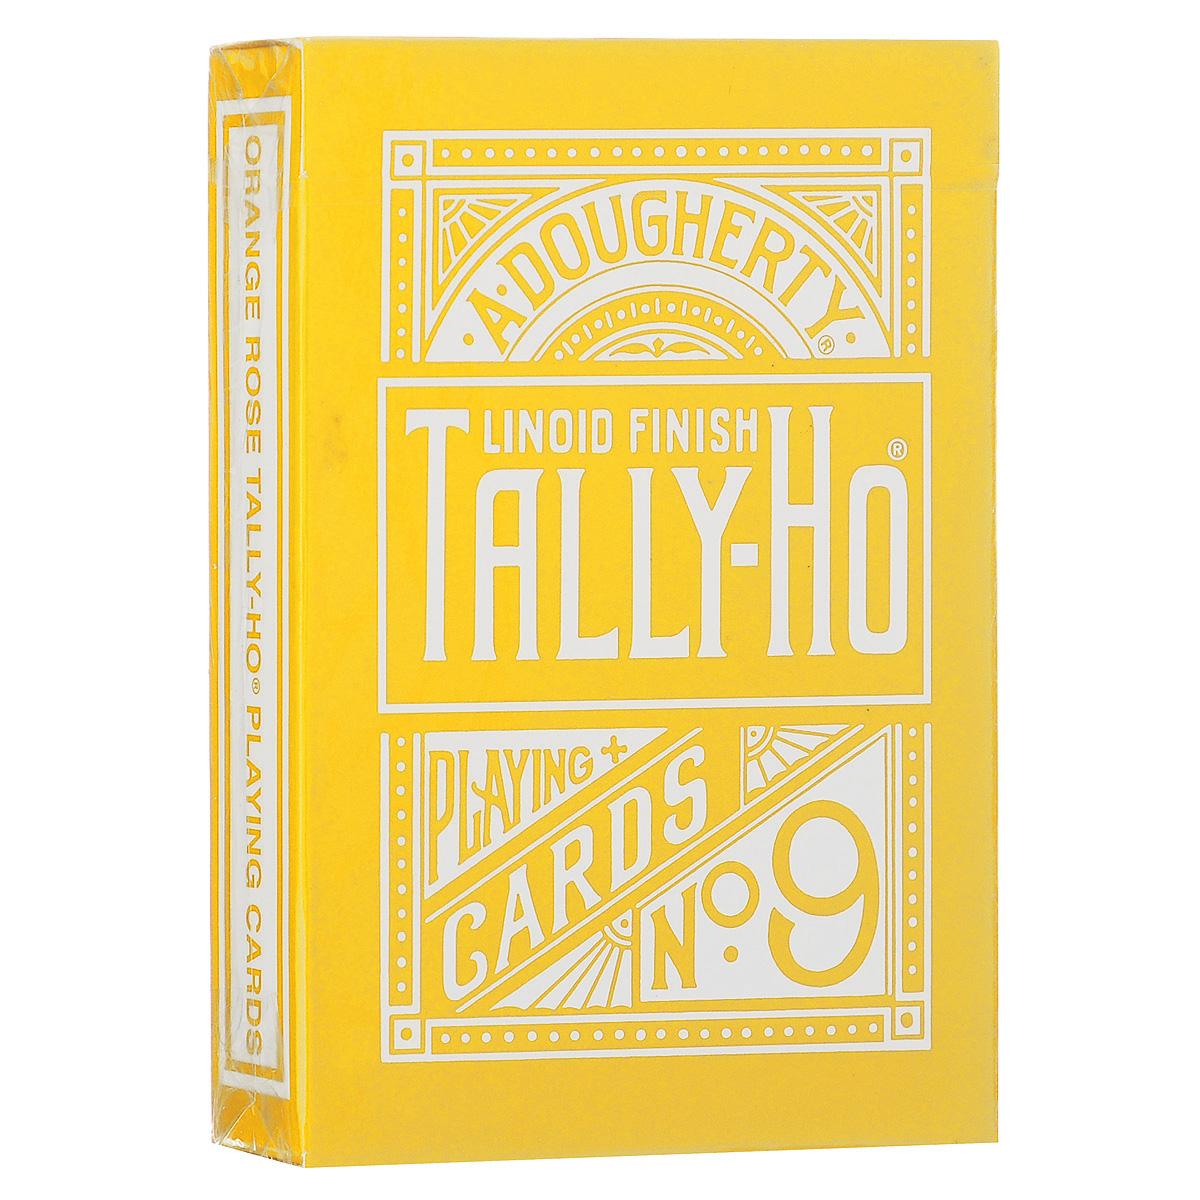 Игральные карты Tally-Ho Reverse Fan back, цвет: желтыйК-363Карты Tally-Ho считаются самыми лучшими картами для слейтинга. Их великолепное качество высоко оценили лучшие карточные манипуляторы и фокусники. Это классические карты с полноцветной печатью. В комплекте две специальные карты (карта с пустым лицом и карта с изображением розы).